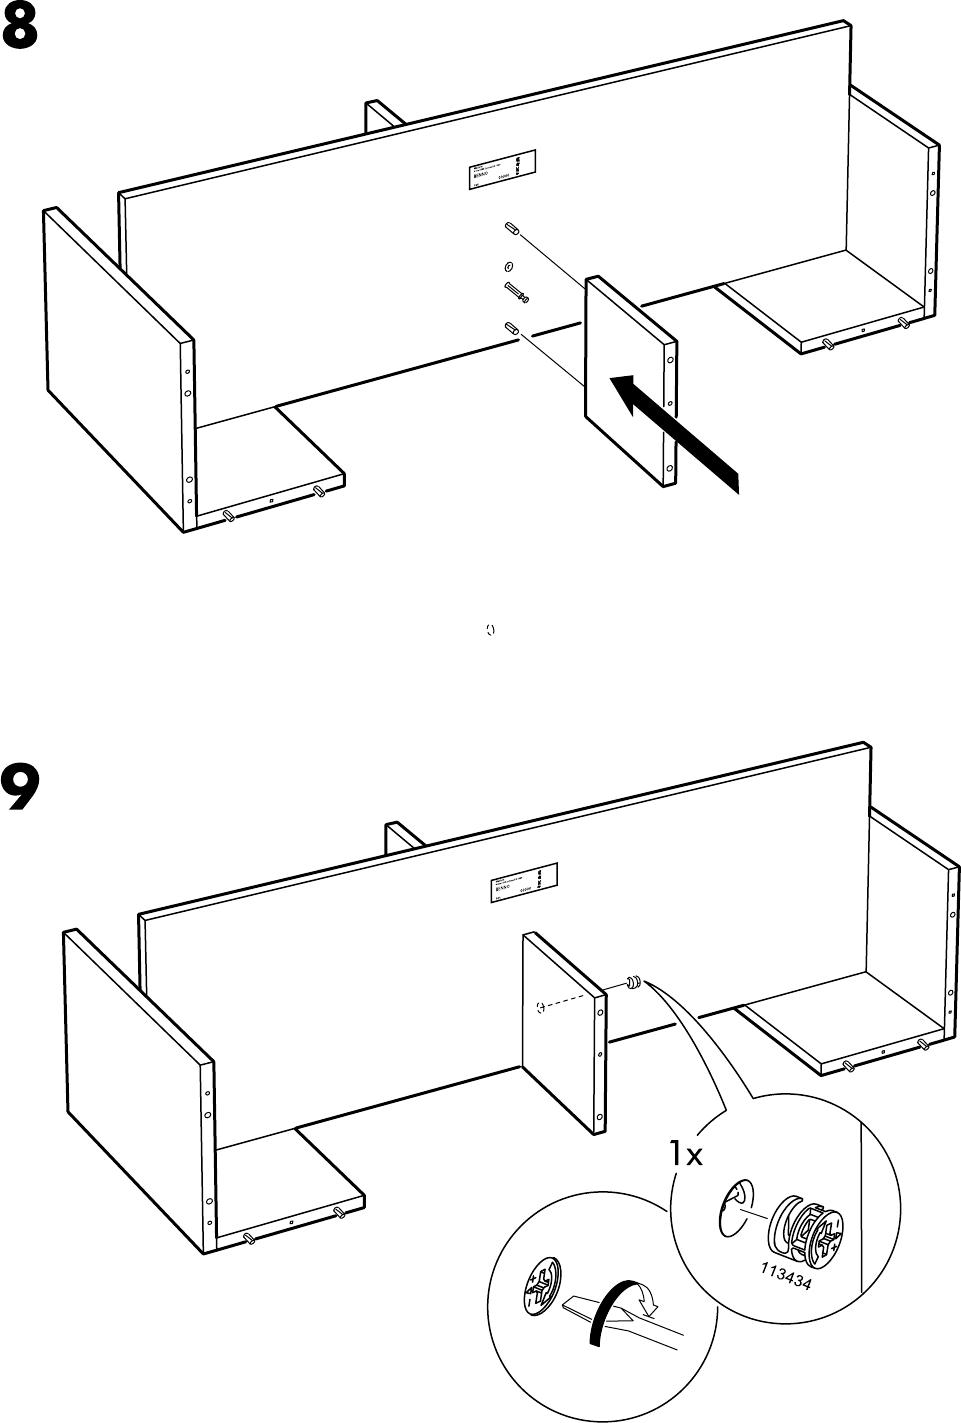 Benno Tv Meubel Ikea.Handleiding Ikea Benno Tv Meubel Op Wielen Pagina 10 Van 12